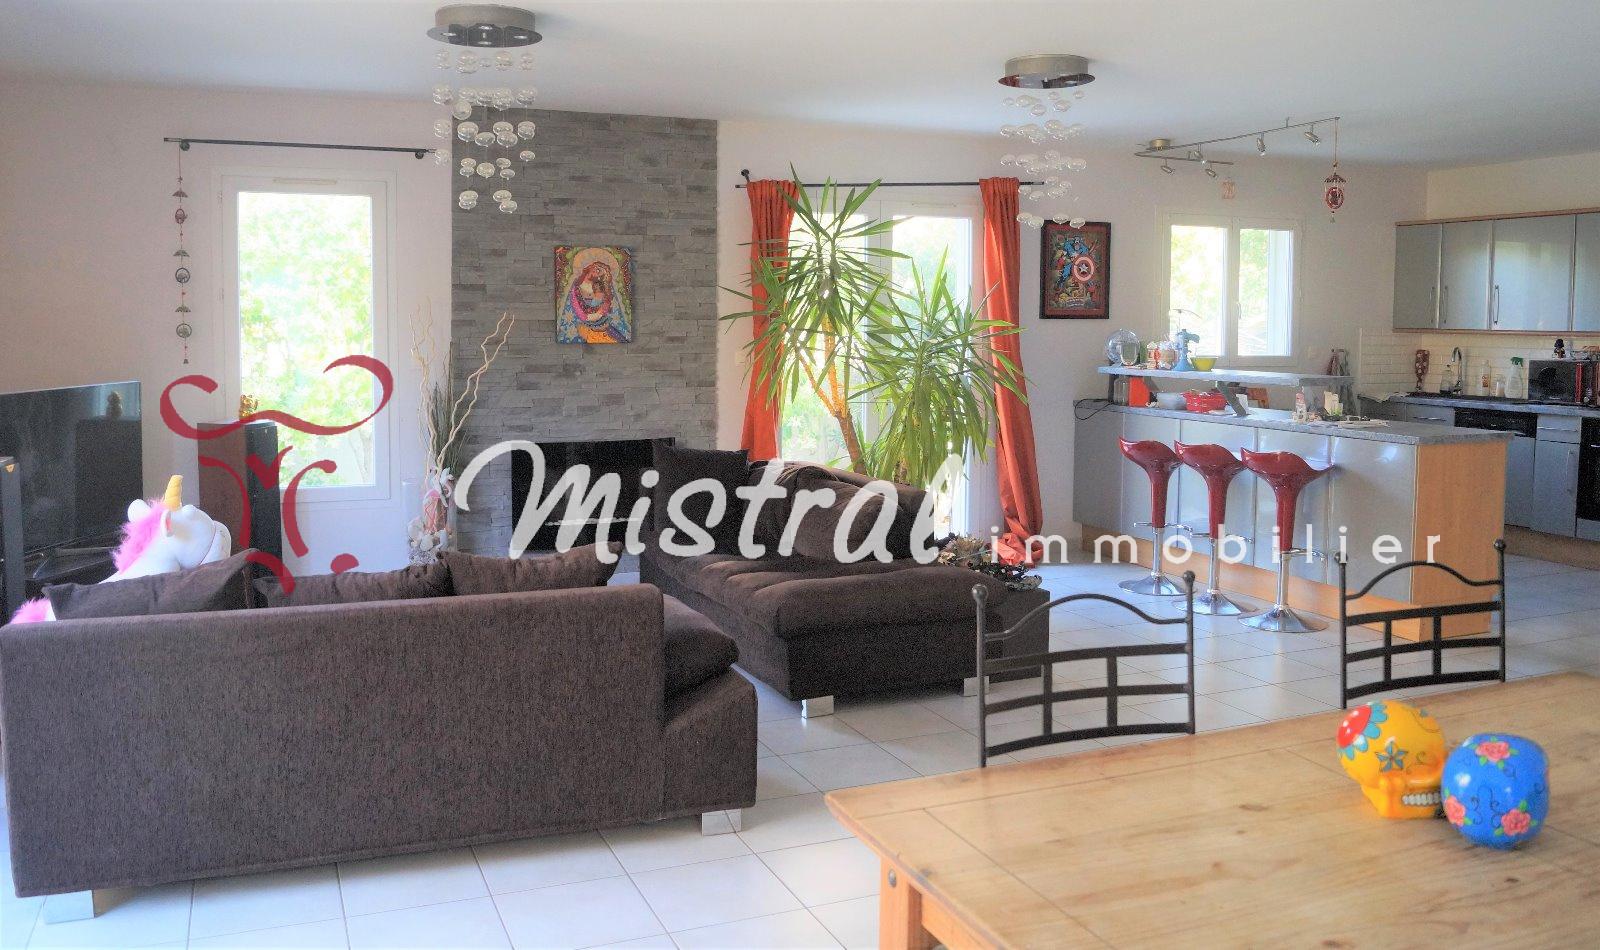 Vente sous compromis mistral vente villa aigues mortes 3 chambres sur 300 m de terrain - Compromis de vente garage ...